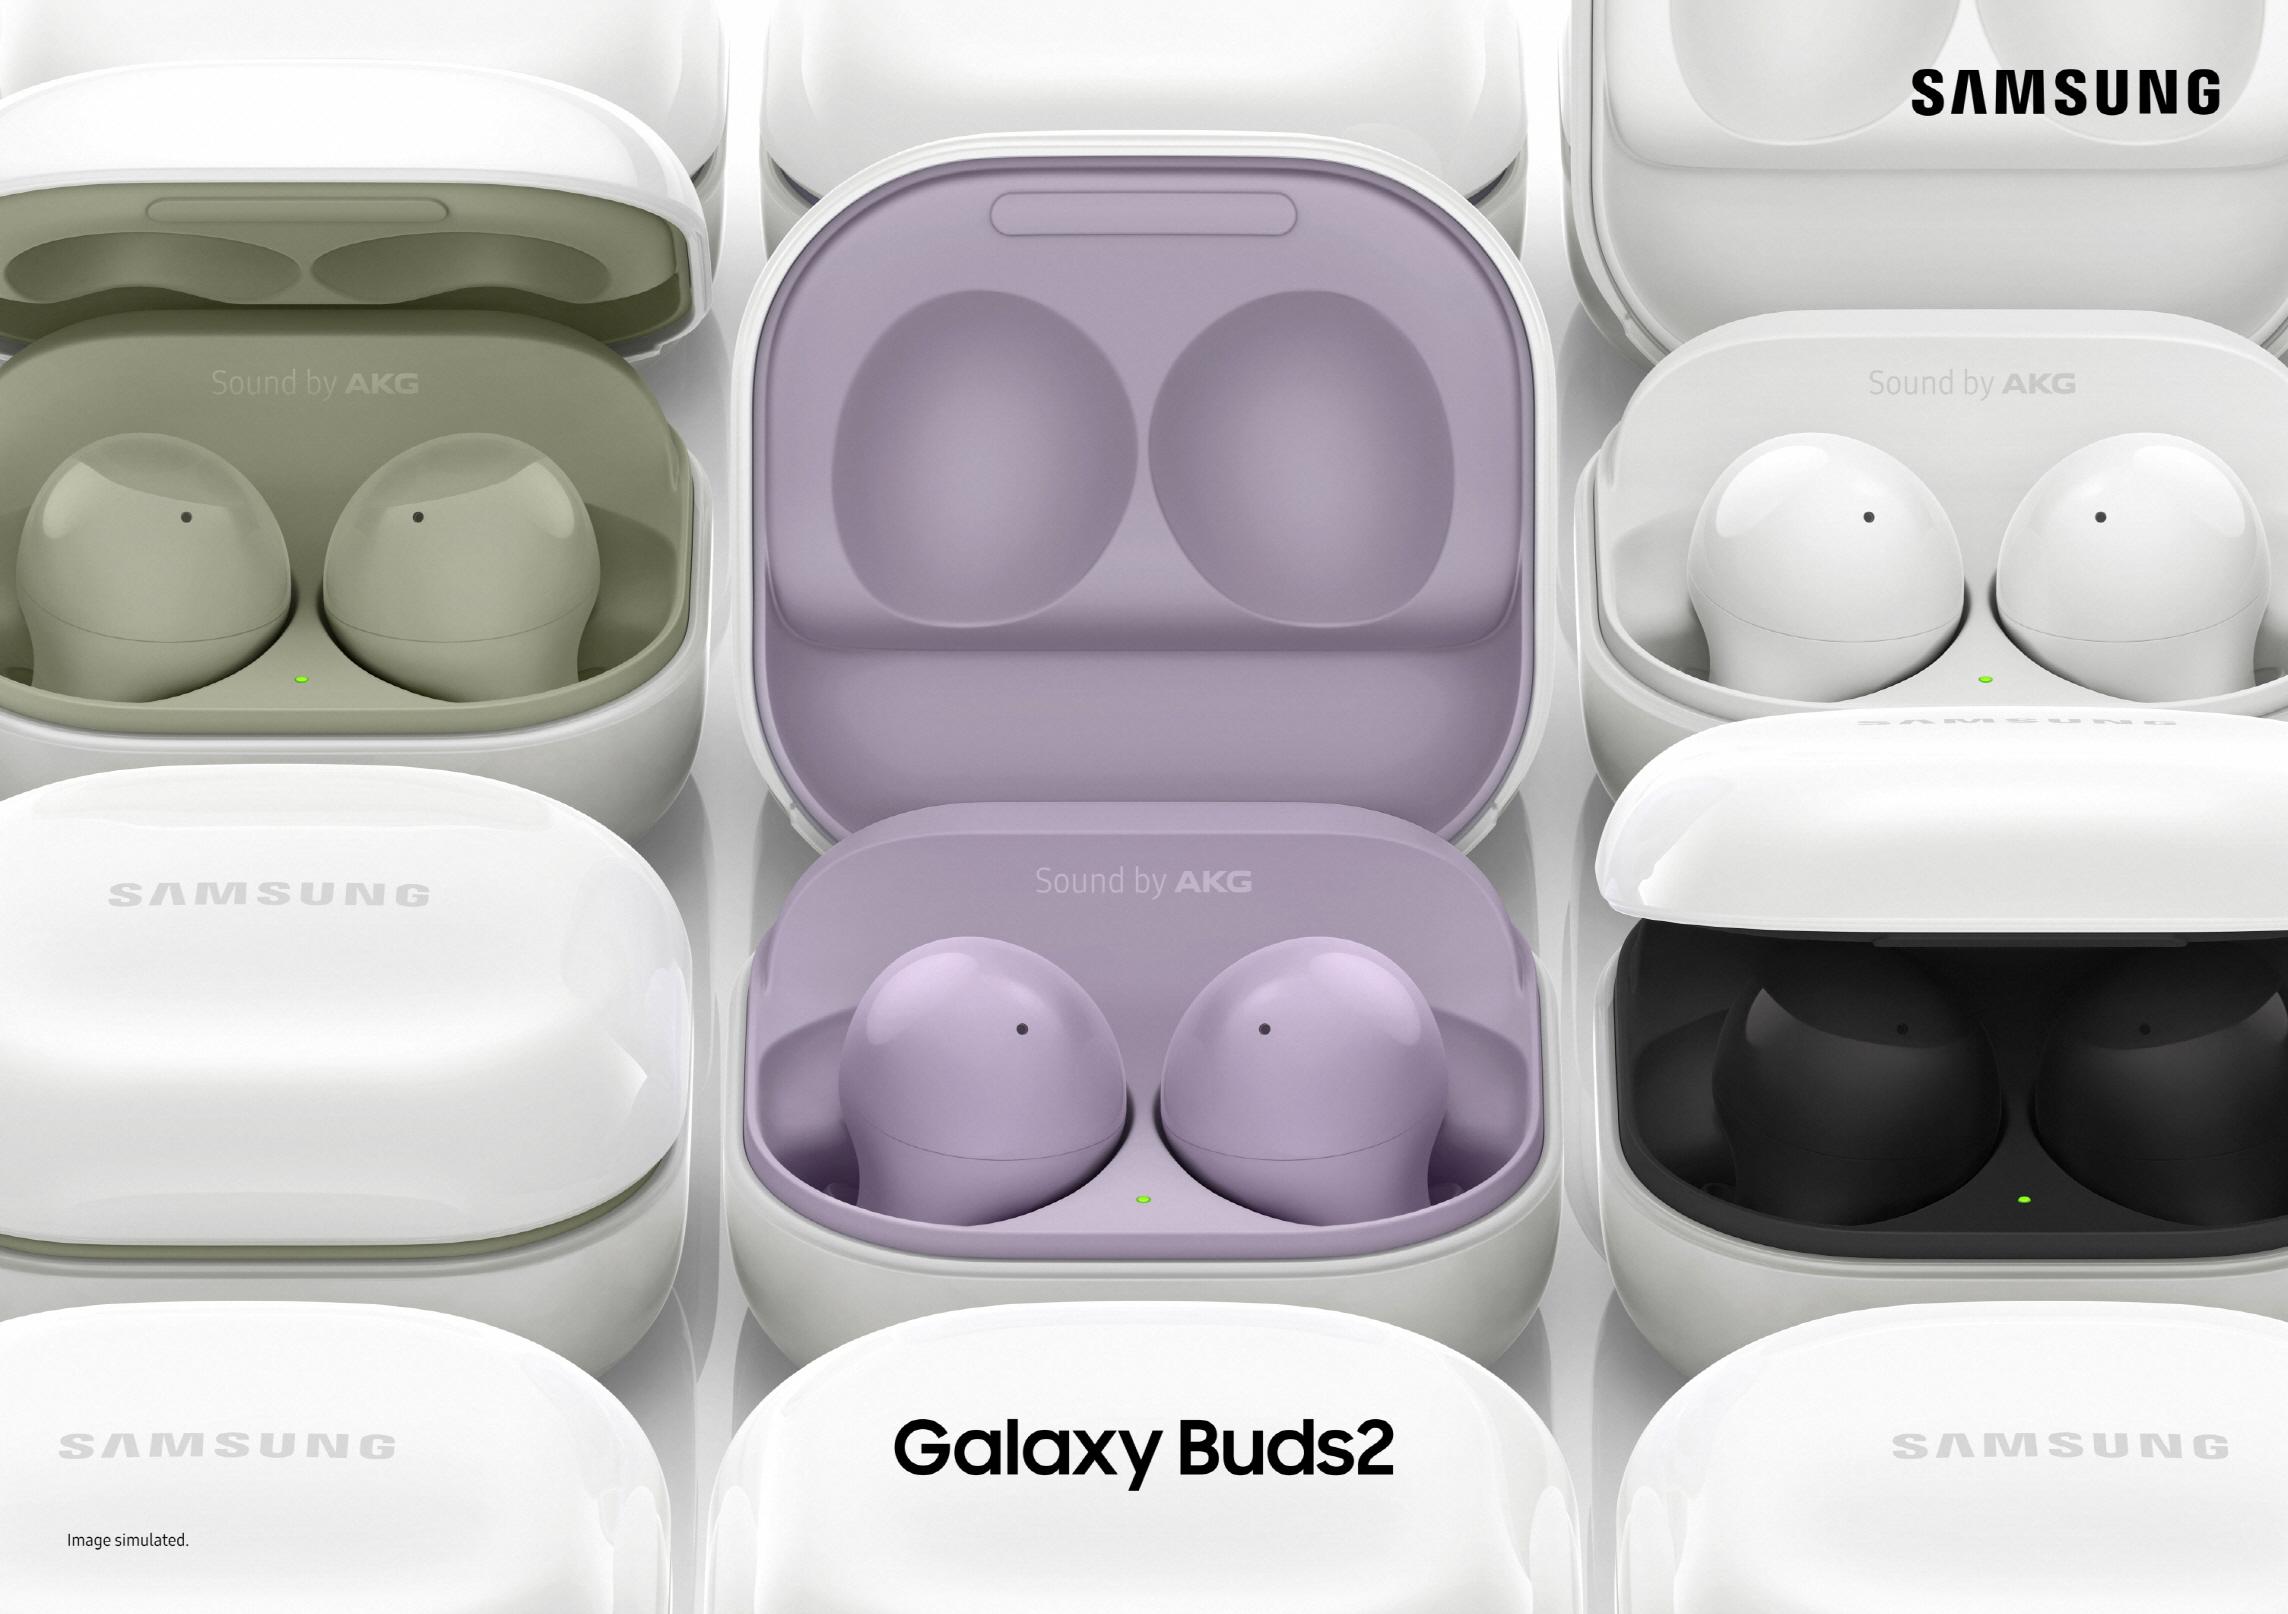 삼성 '갤럭시 버즈2' 제품 이미지